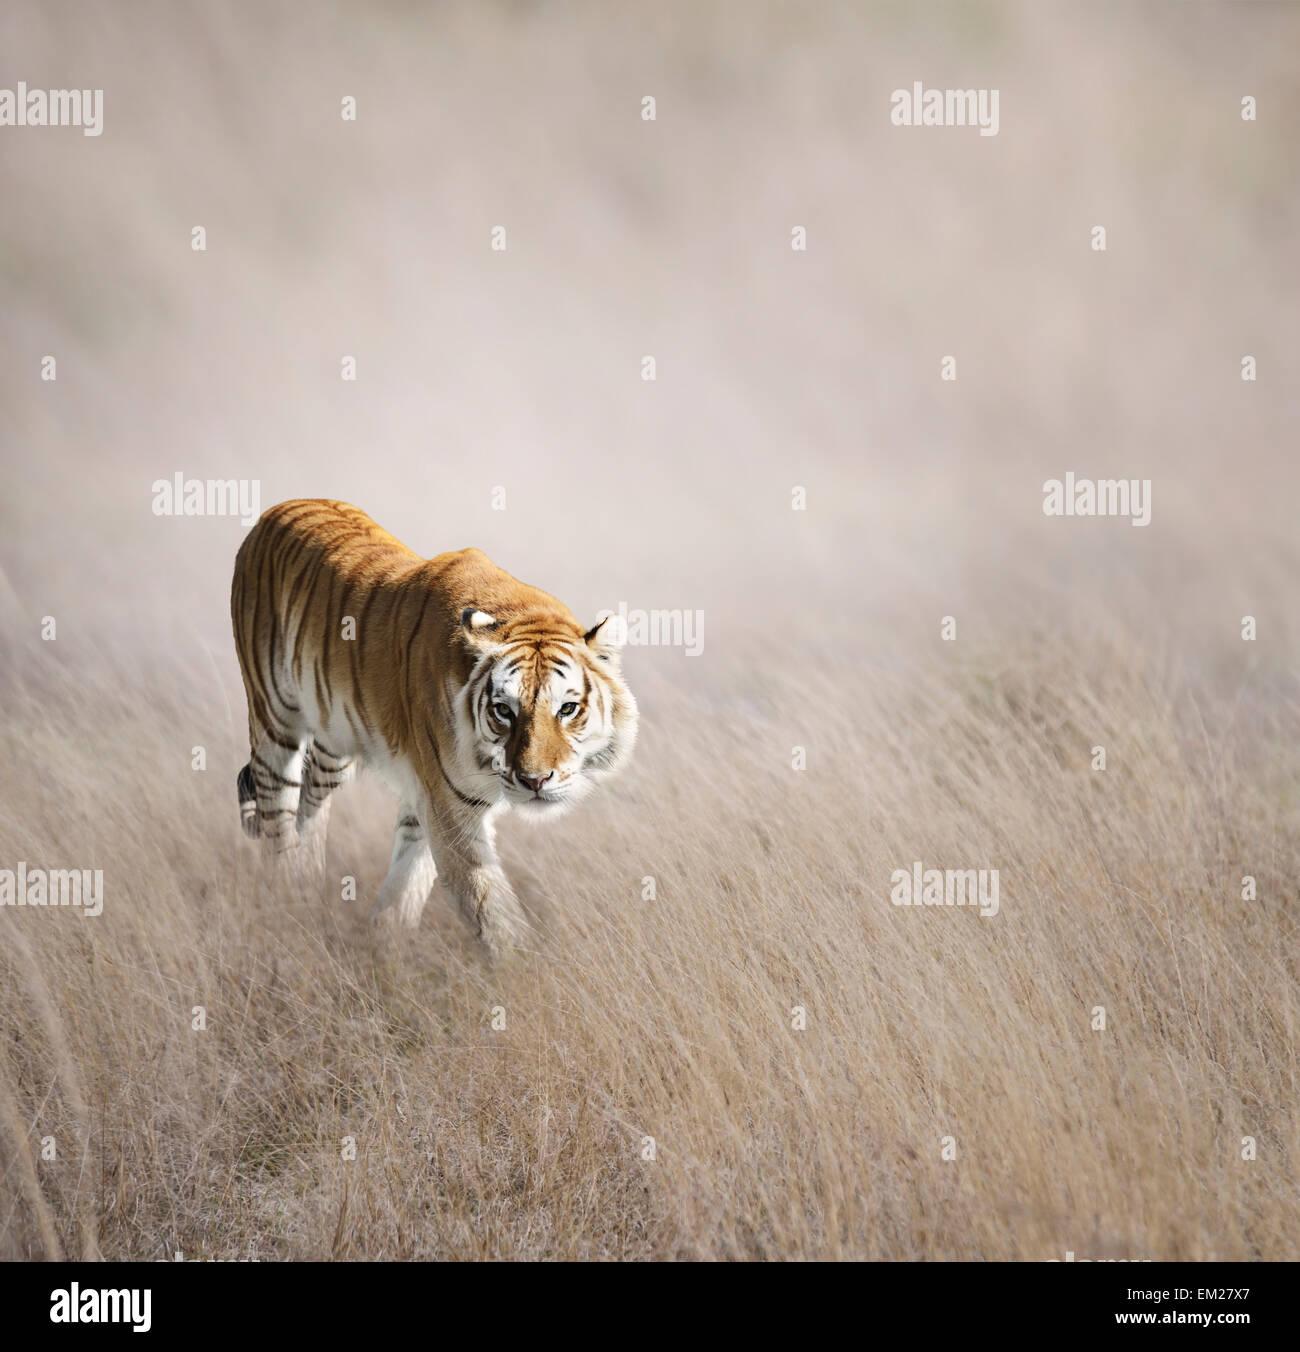 Caminar en la hierba del tigre Imagen De Stock